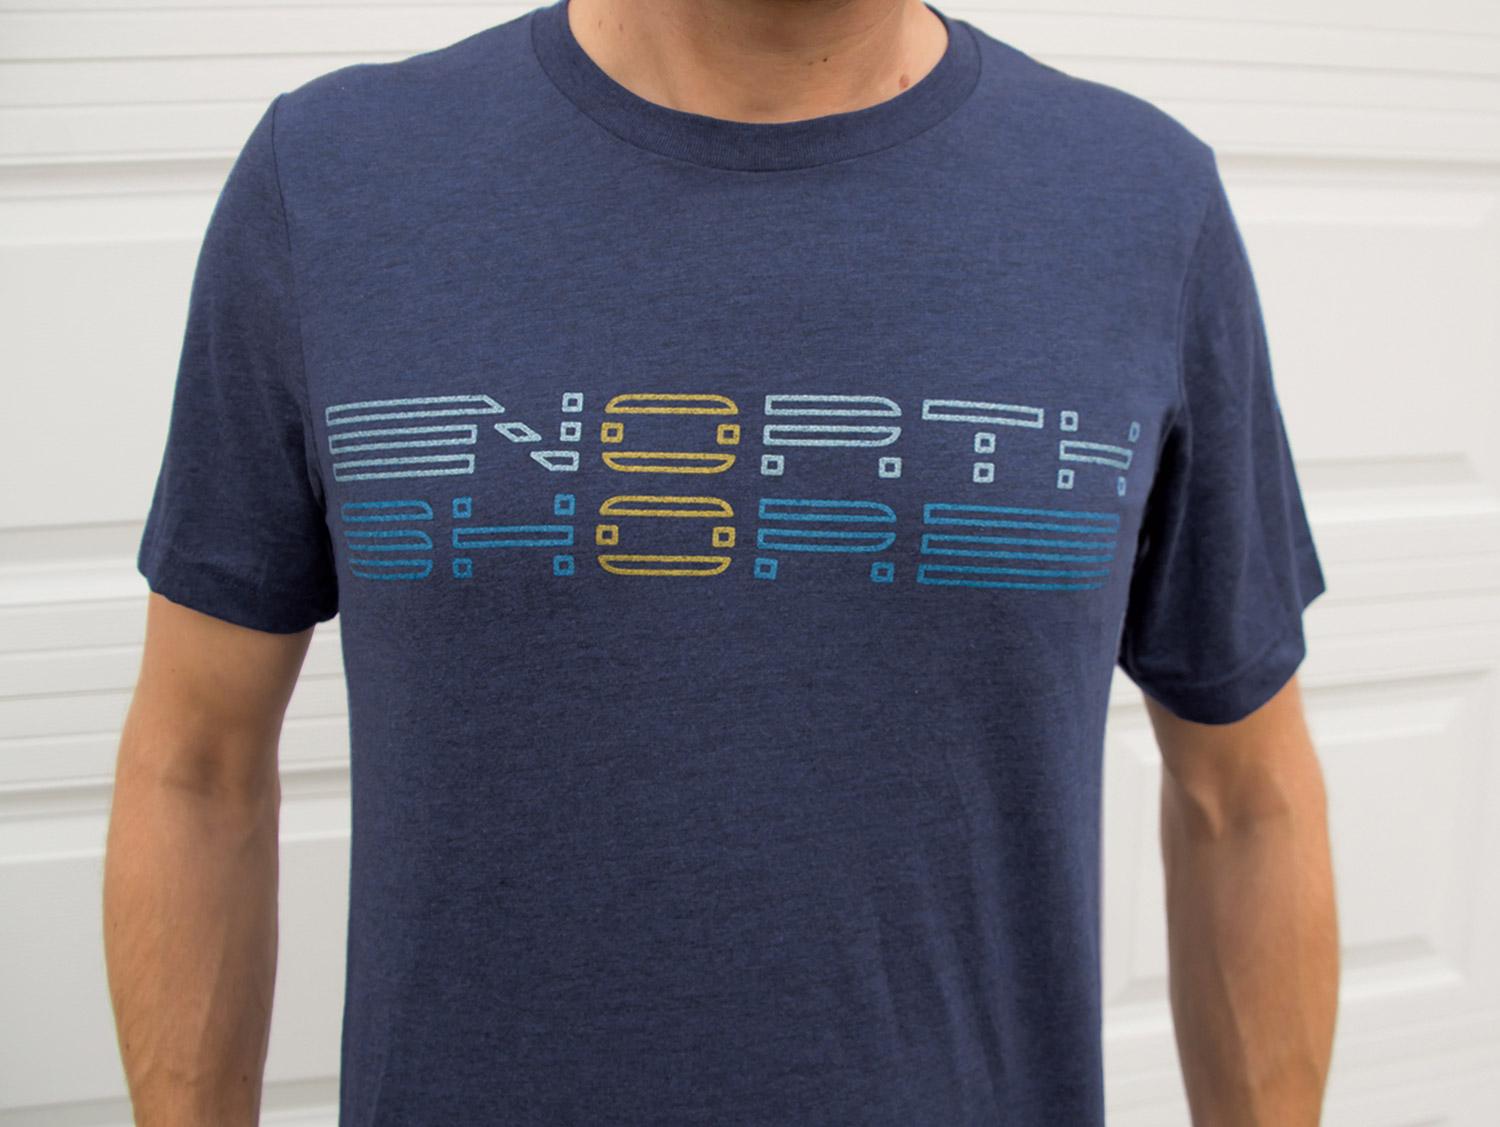 Jeff-Holmberg-North-Shore-Tshirt-05.jpg